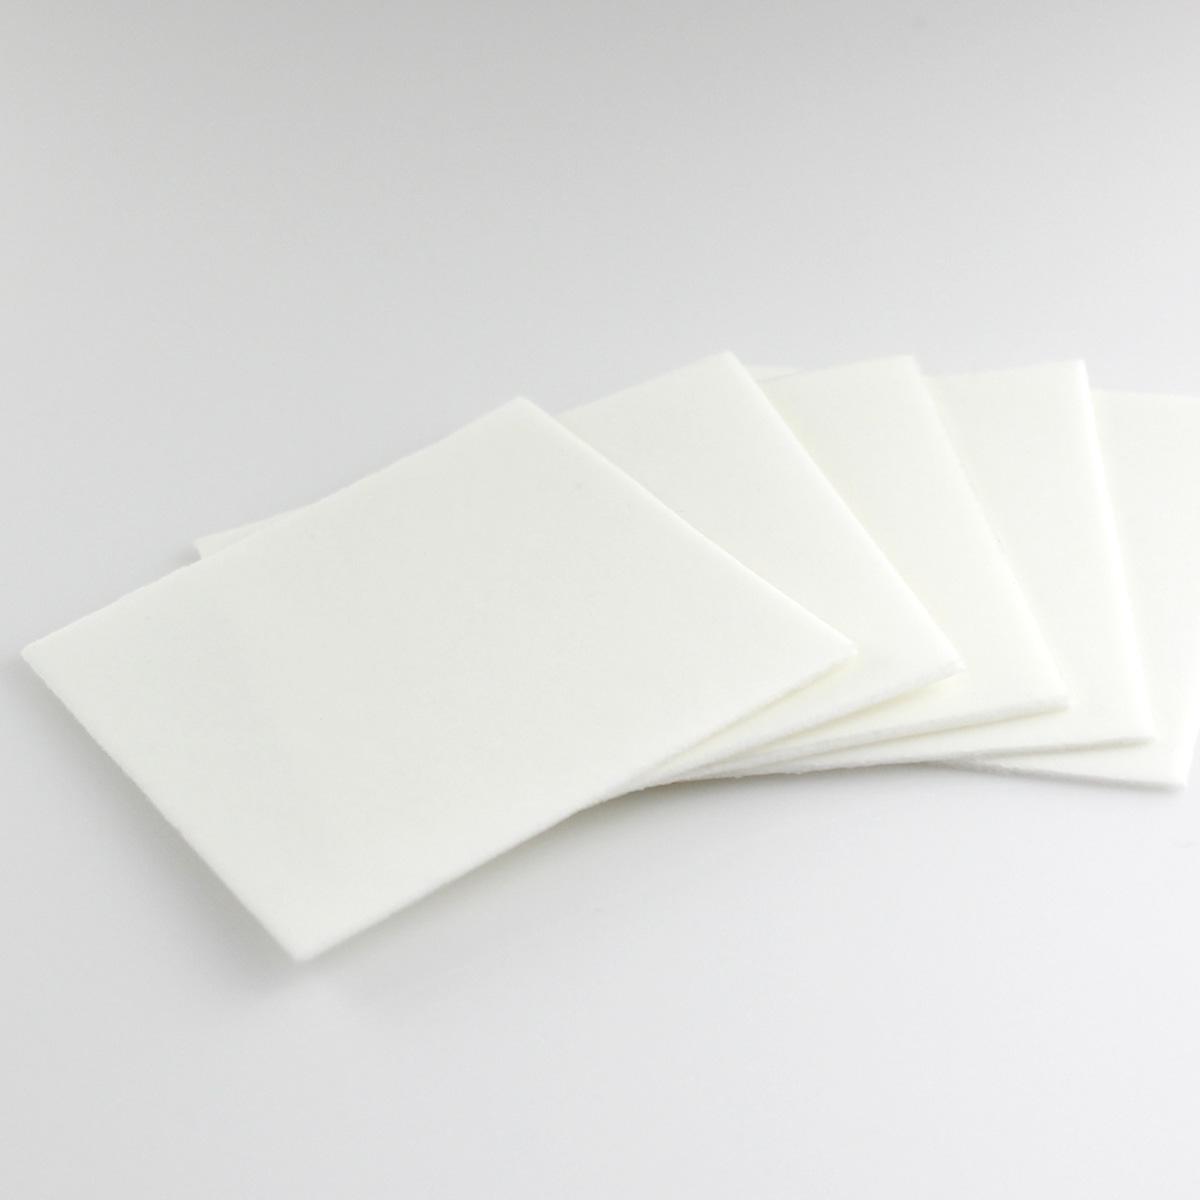 Polishing Pads [stand alone]